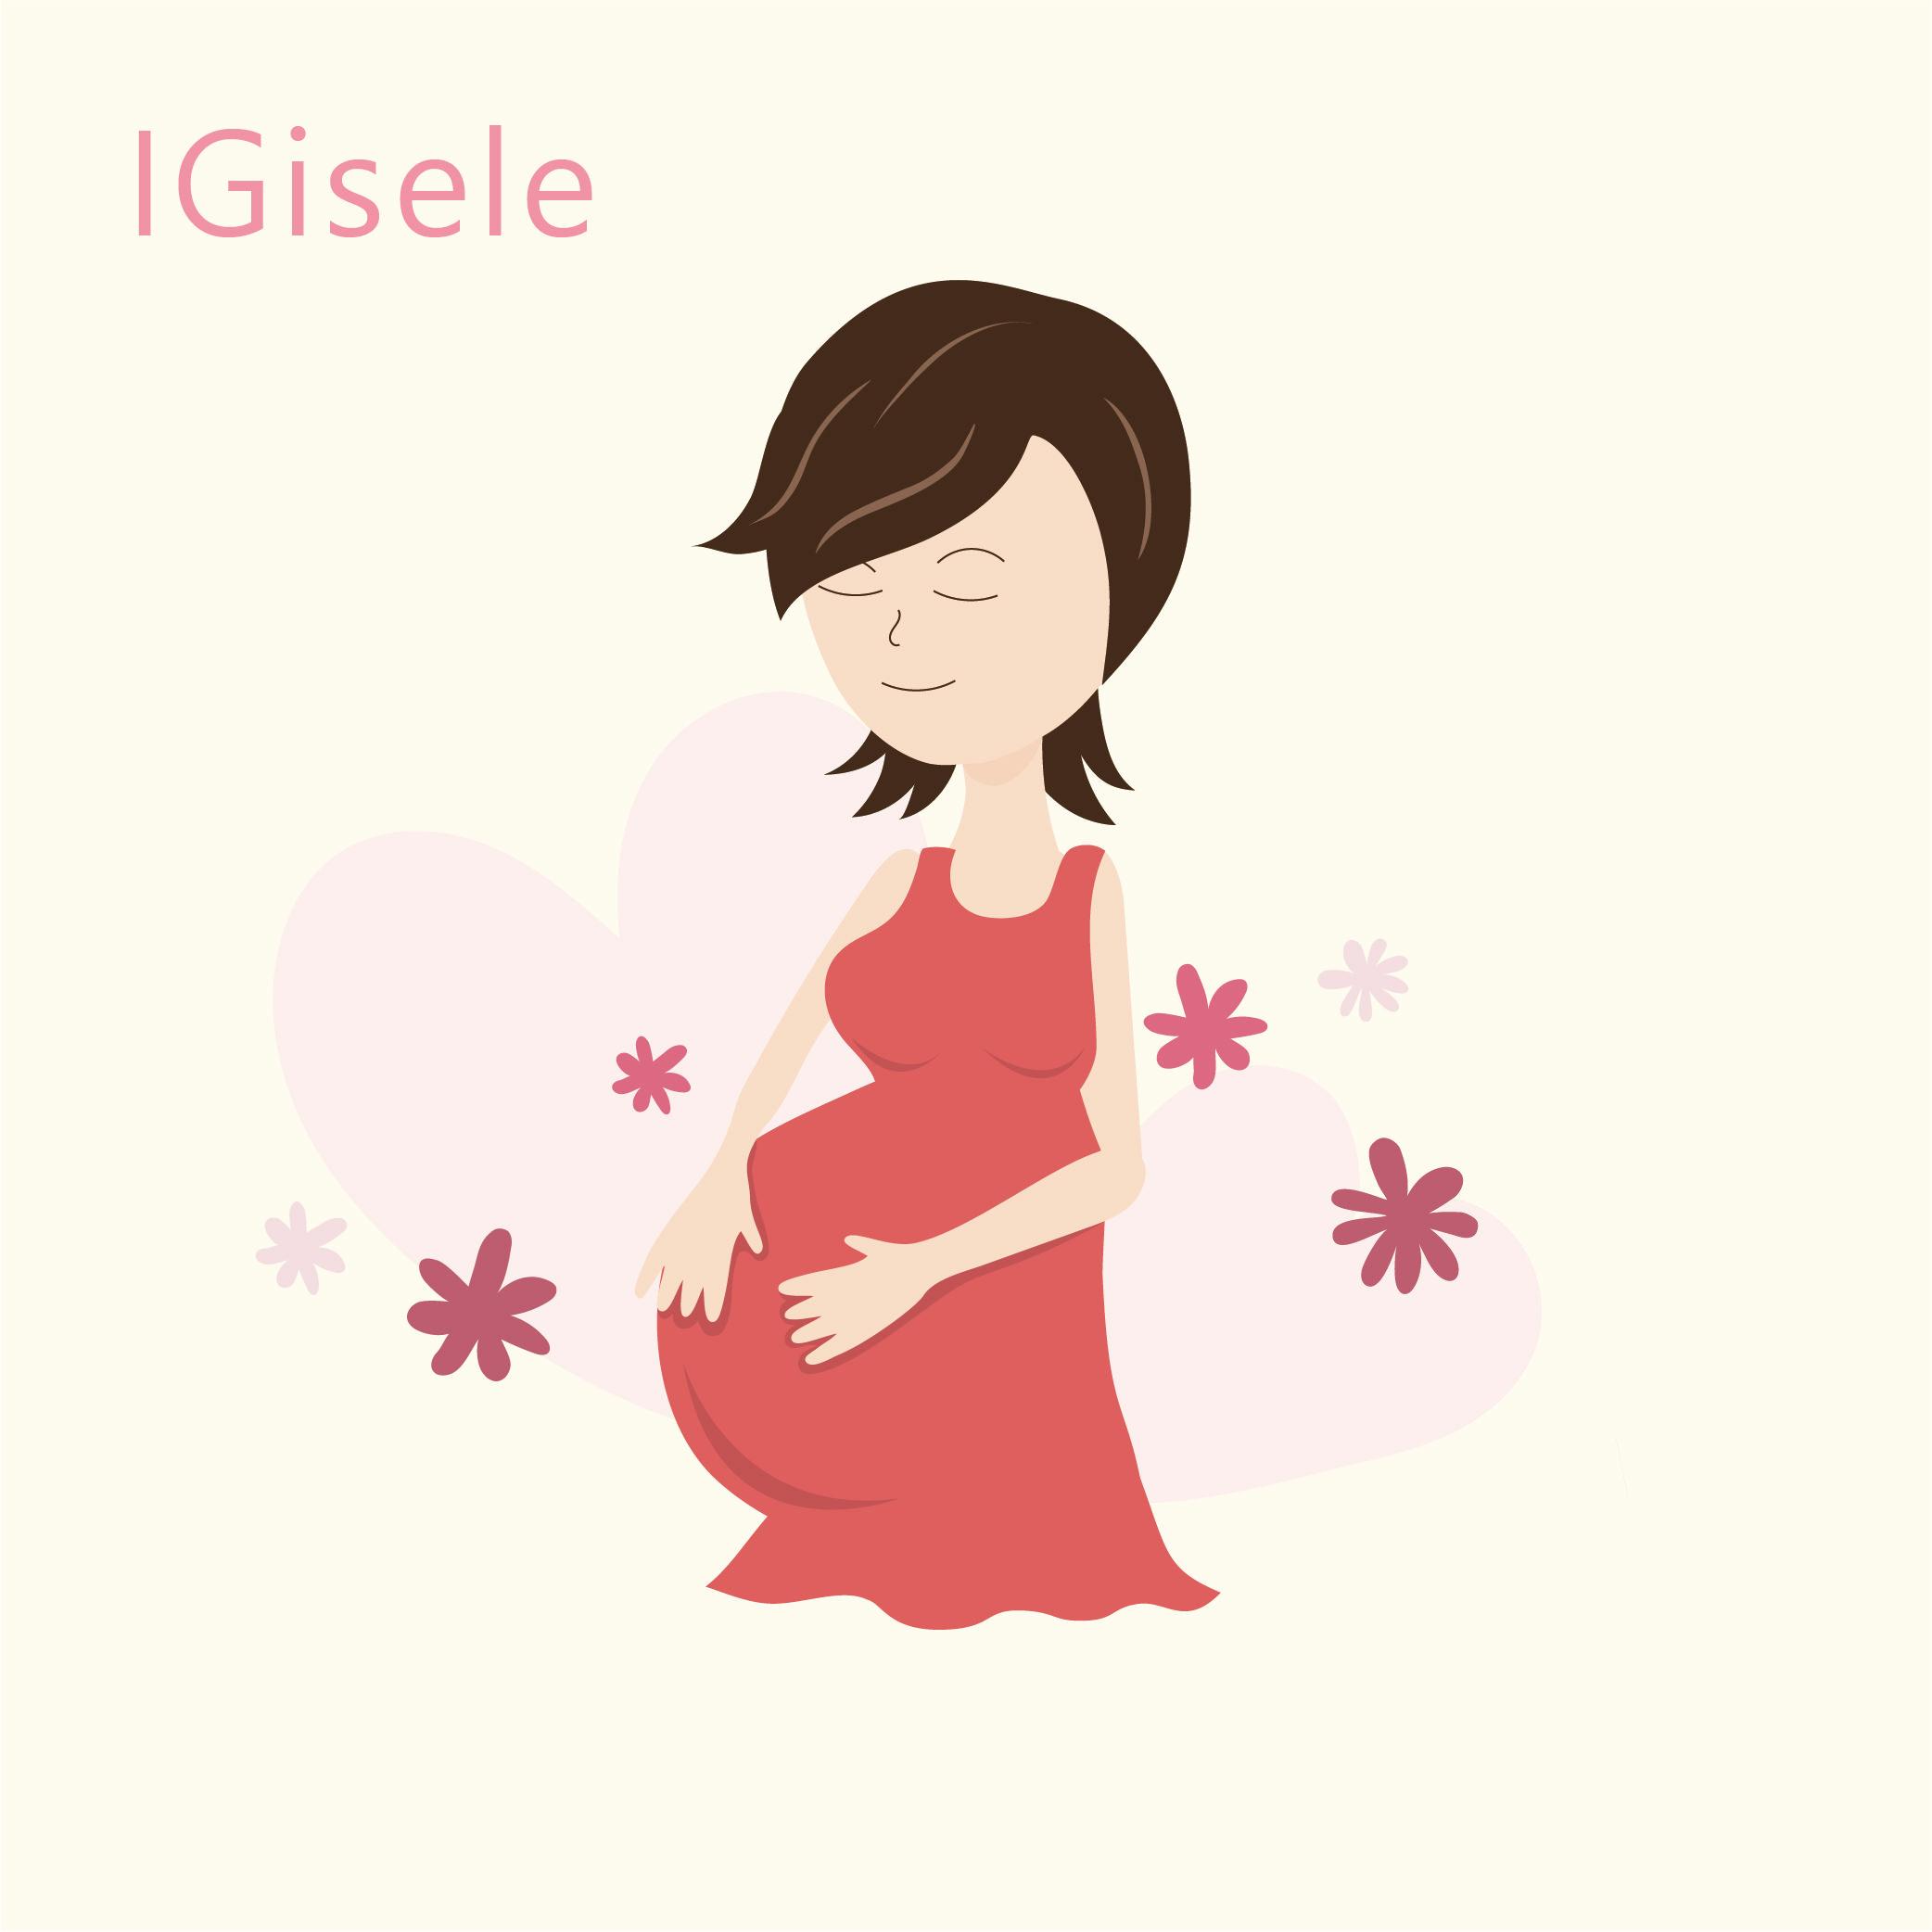 懷孕 (3) - IGisele 。 遊樂園